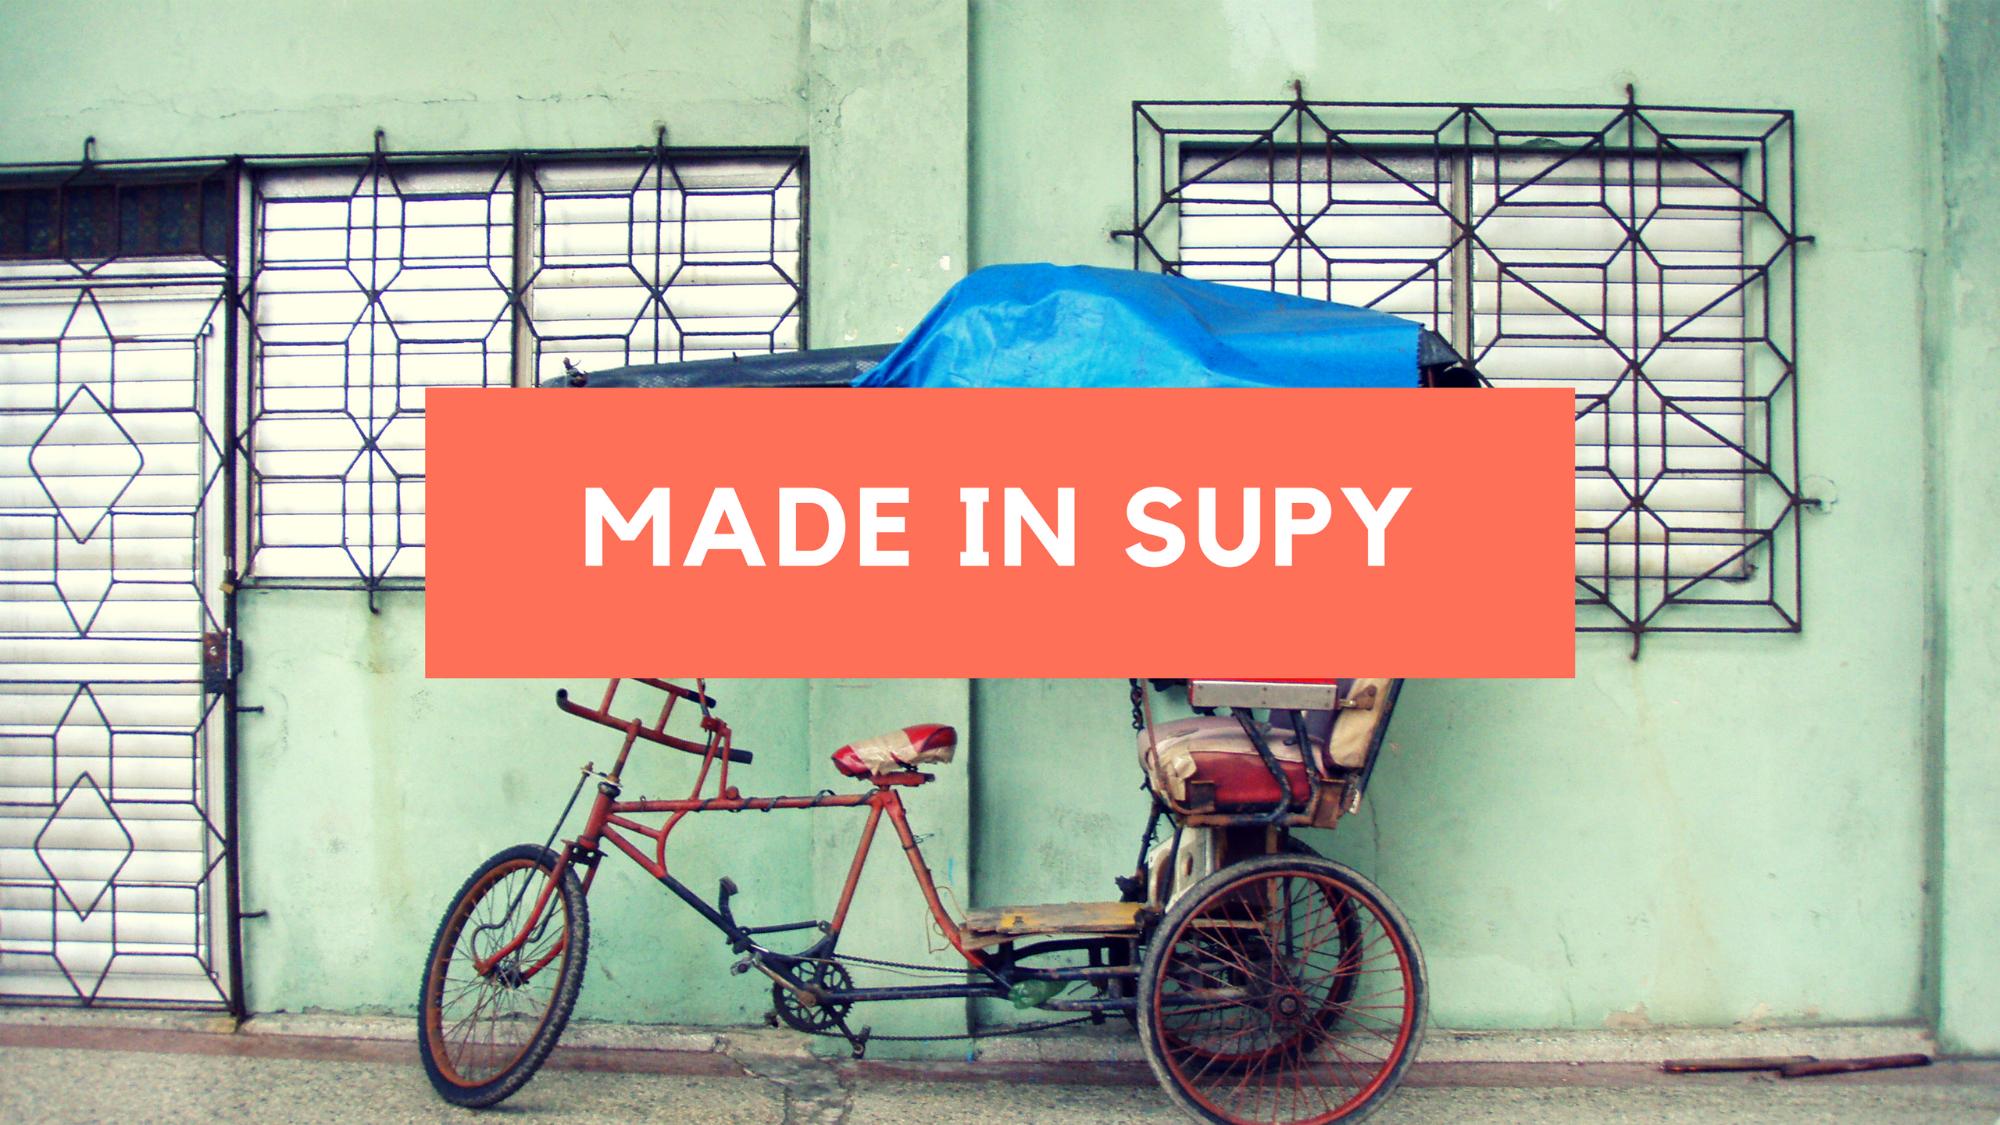 SUPY株式会社 – オリジナルぬいぐるみ等の玩具から民芸品まで制作するものづくりメーカー